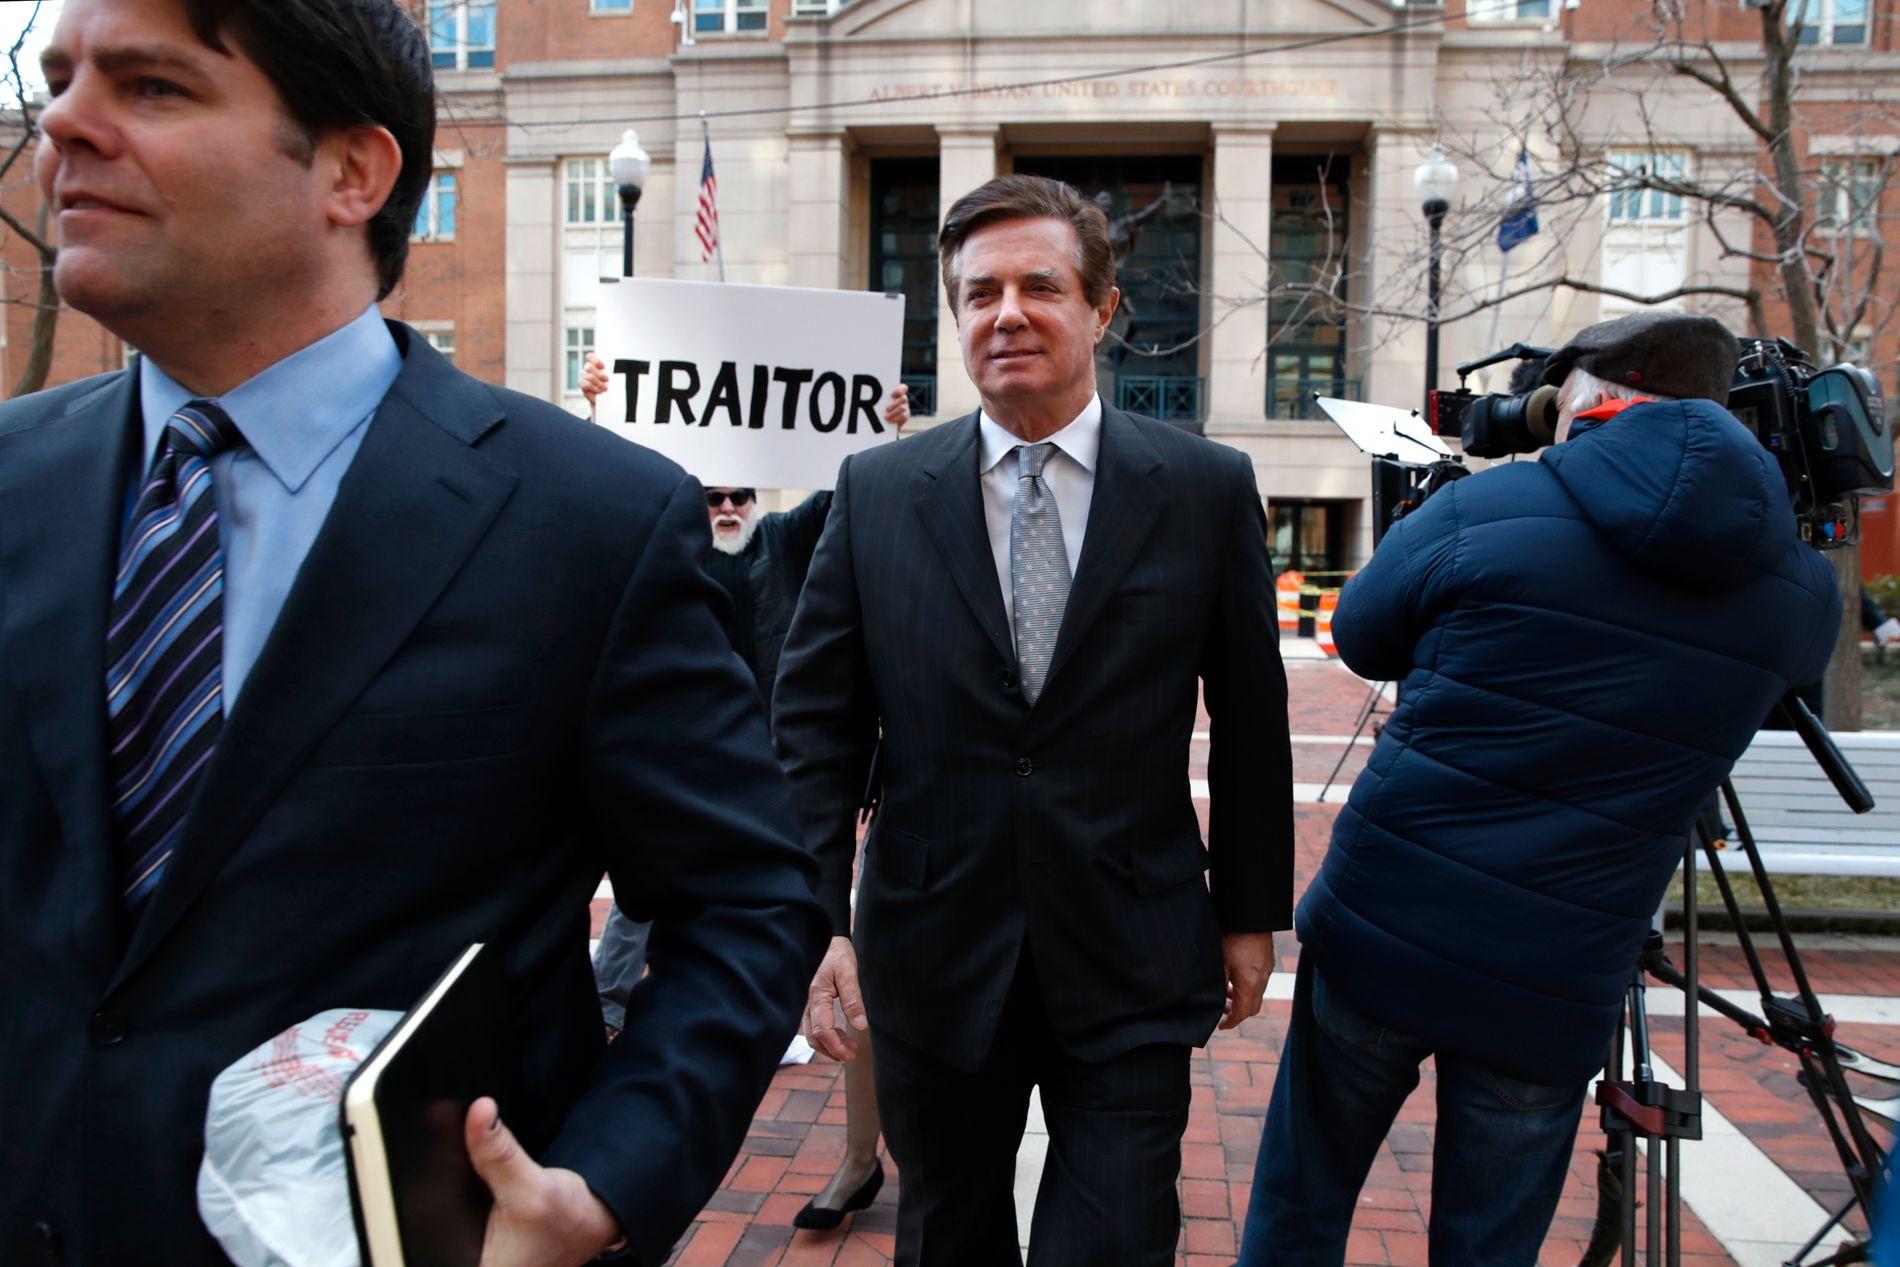 AVTALE: Paul Manafort skal ifølge flere amerikanske medier ha inngått en avtale som blant annet innebærer at han erklærer seg skyldig i forkant av den kommende rettssaken i Washington D.C.